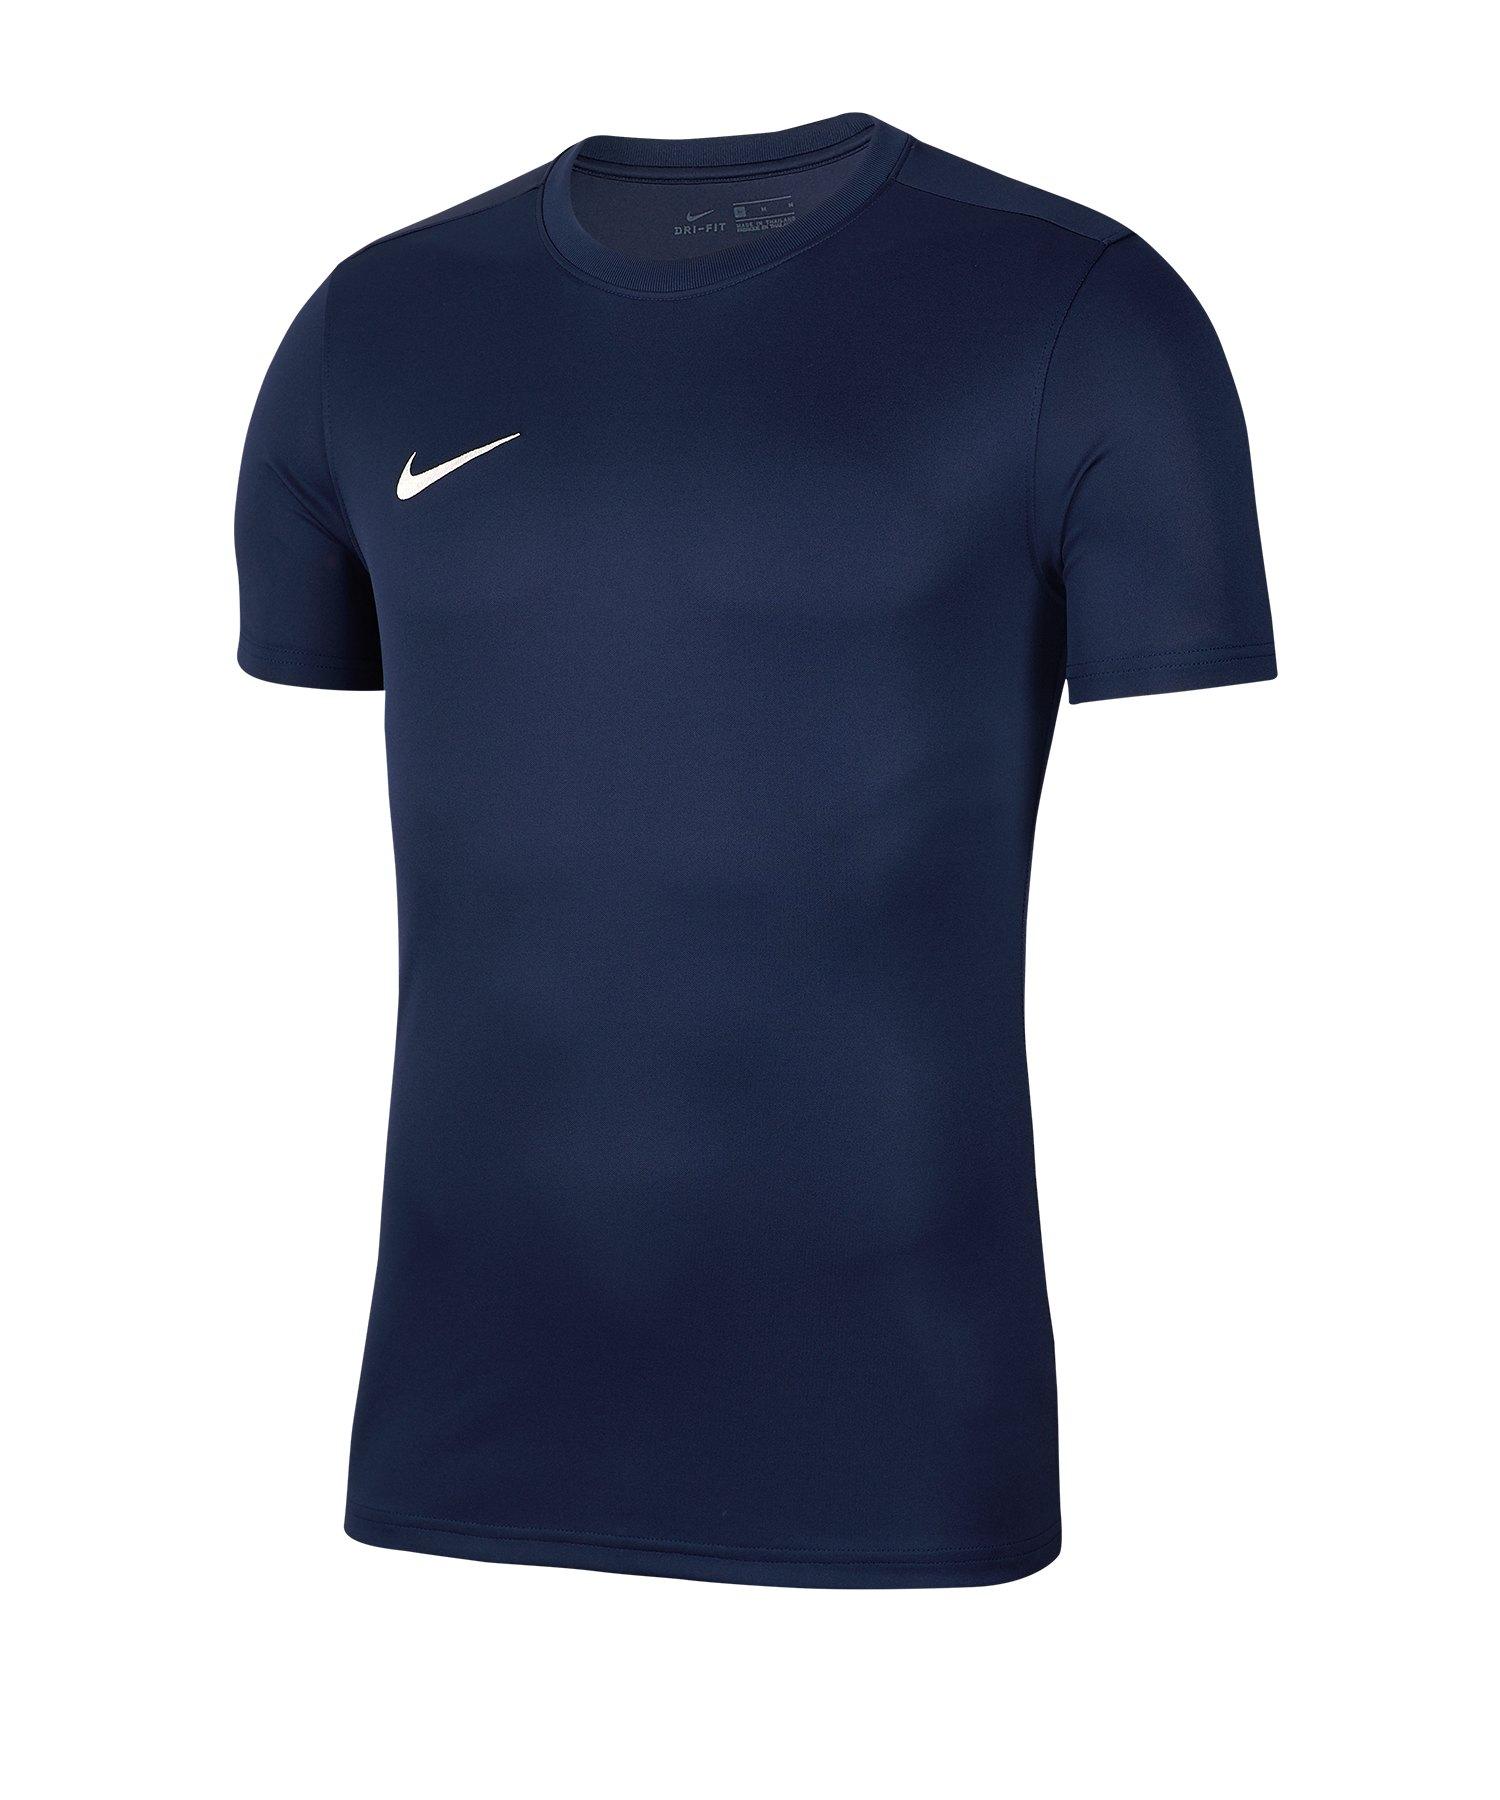 Nike Park VII Trikot kurzarm Blau F410 - blau